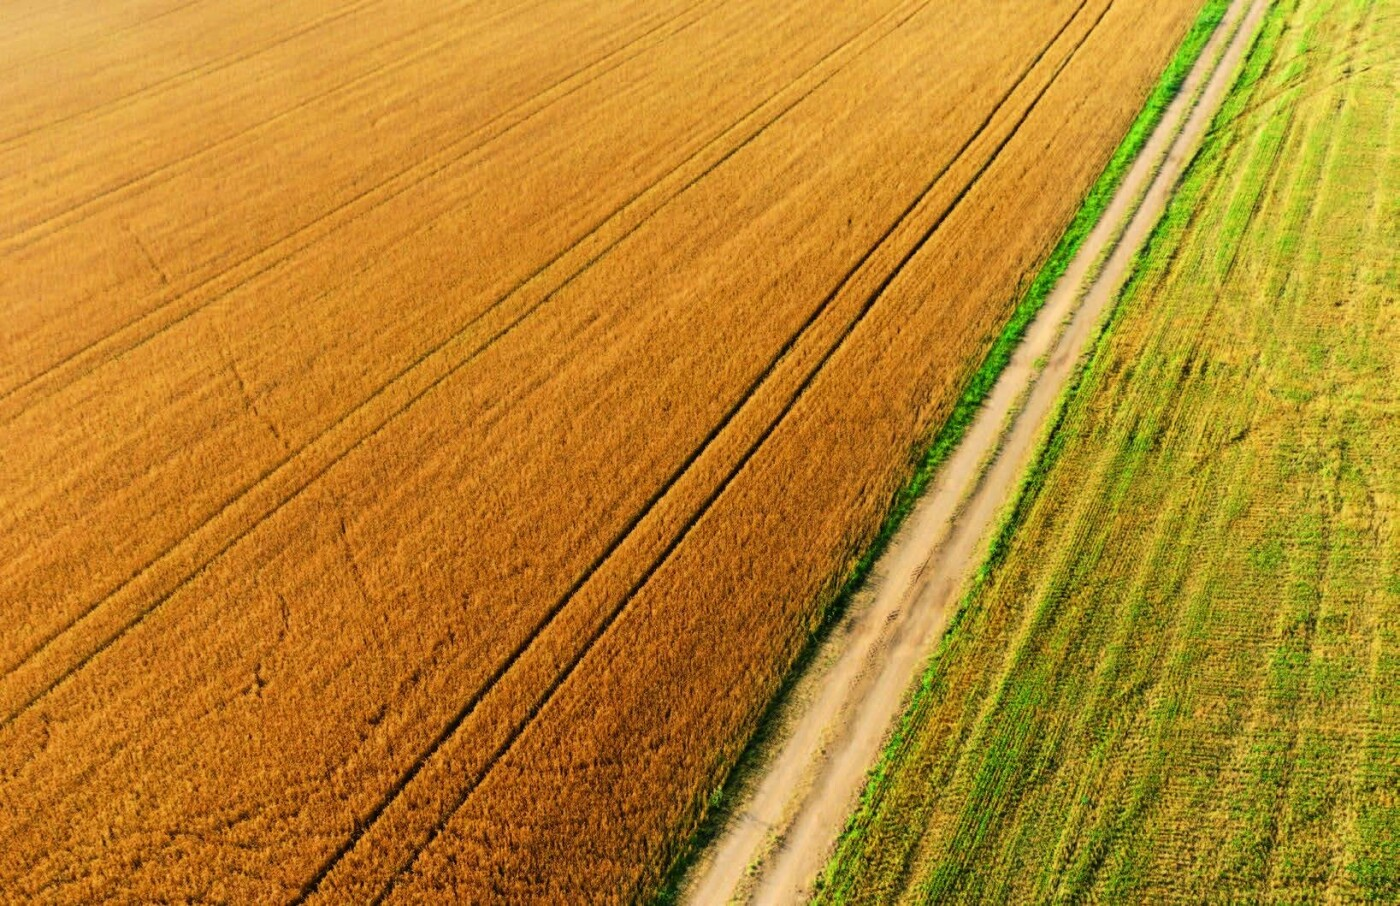 Мішки зерна замість грошей: чому мораторій на продаж землі буксує розвиток сіл Херсонщини, фото-1